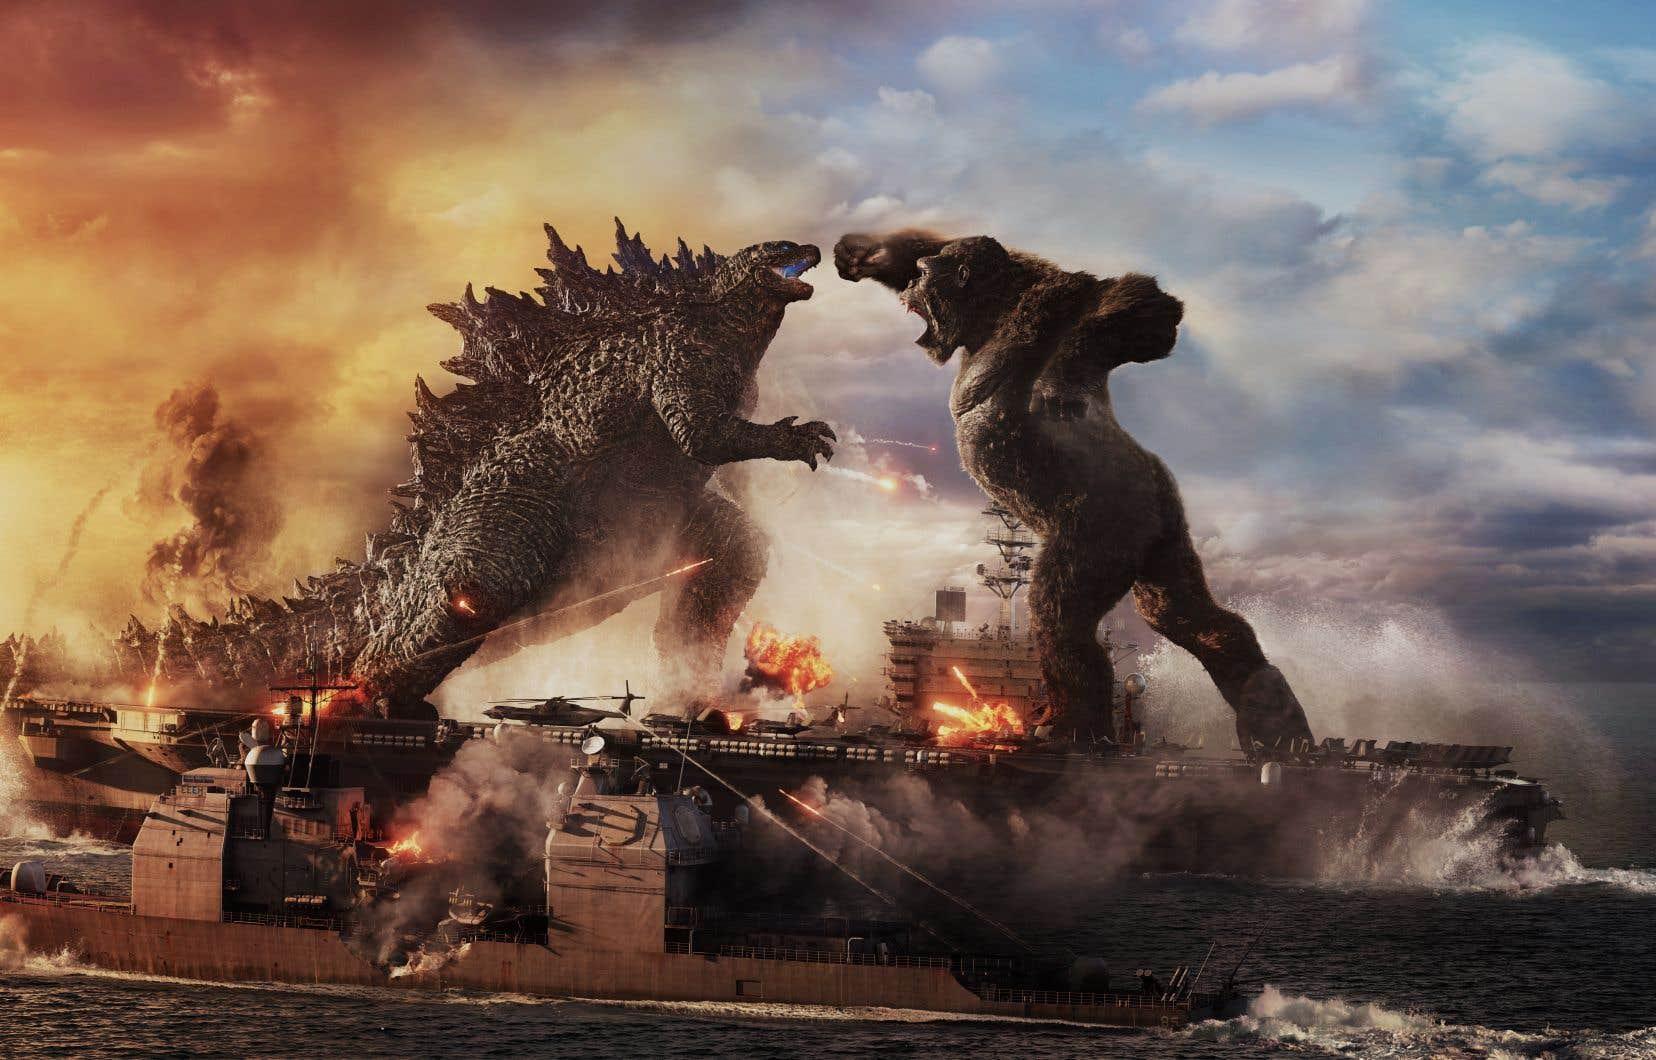 Un affrontement entre Godzilla et King Kong: c'est exactement ce qui survient dans «Godzilla vs Kong», titre explicite s'il en est.